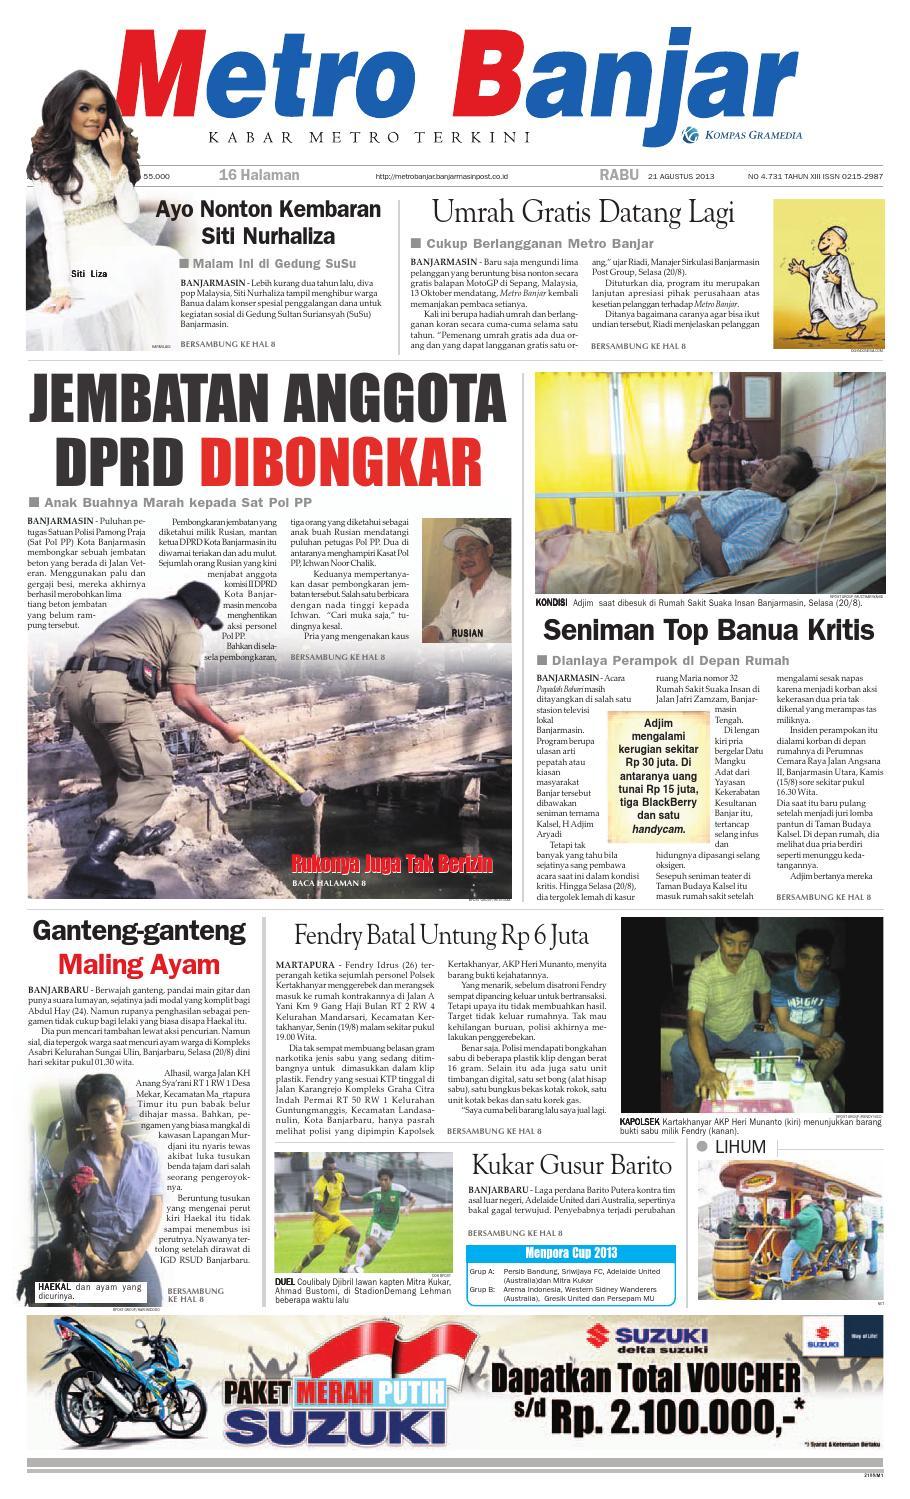 Metro Banjar Rabu, 20 Agustus 20 by Harian Metro Banjar   issuu